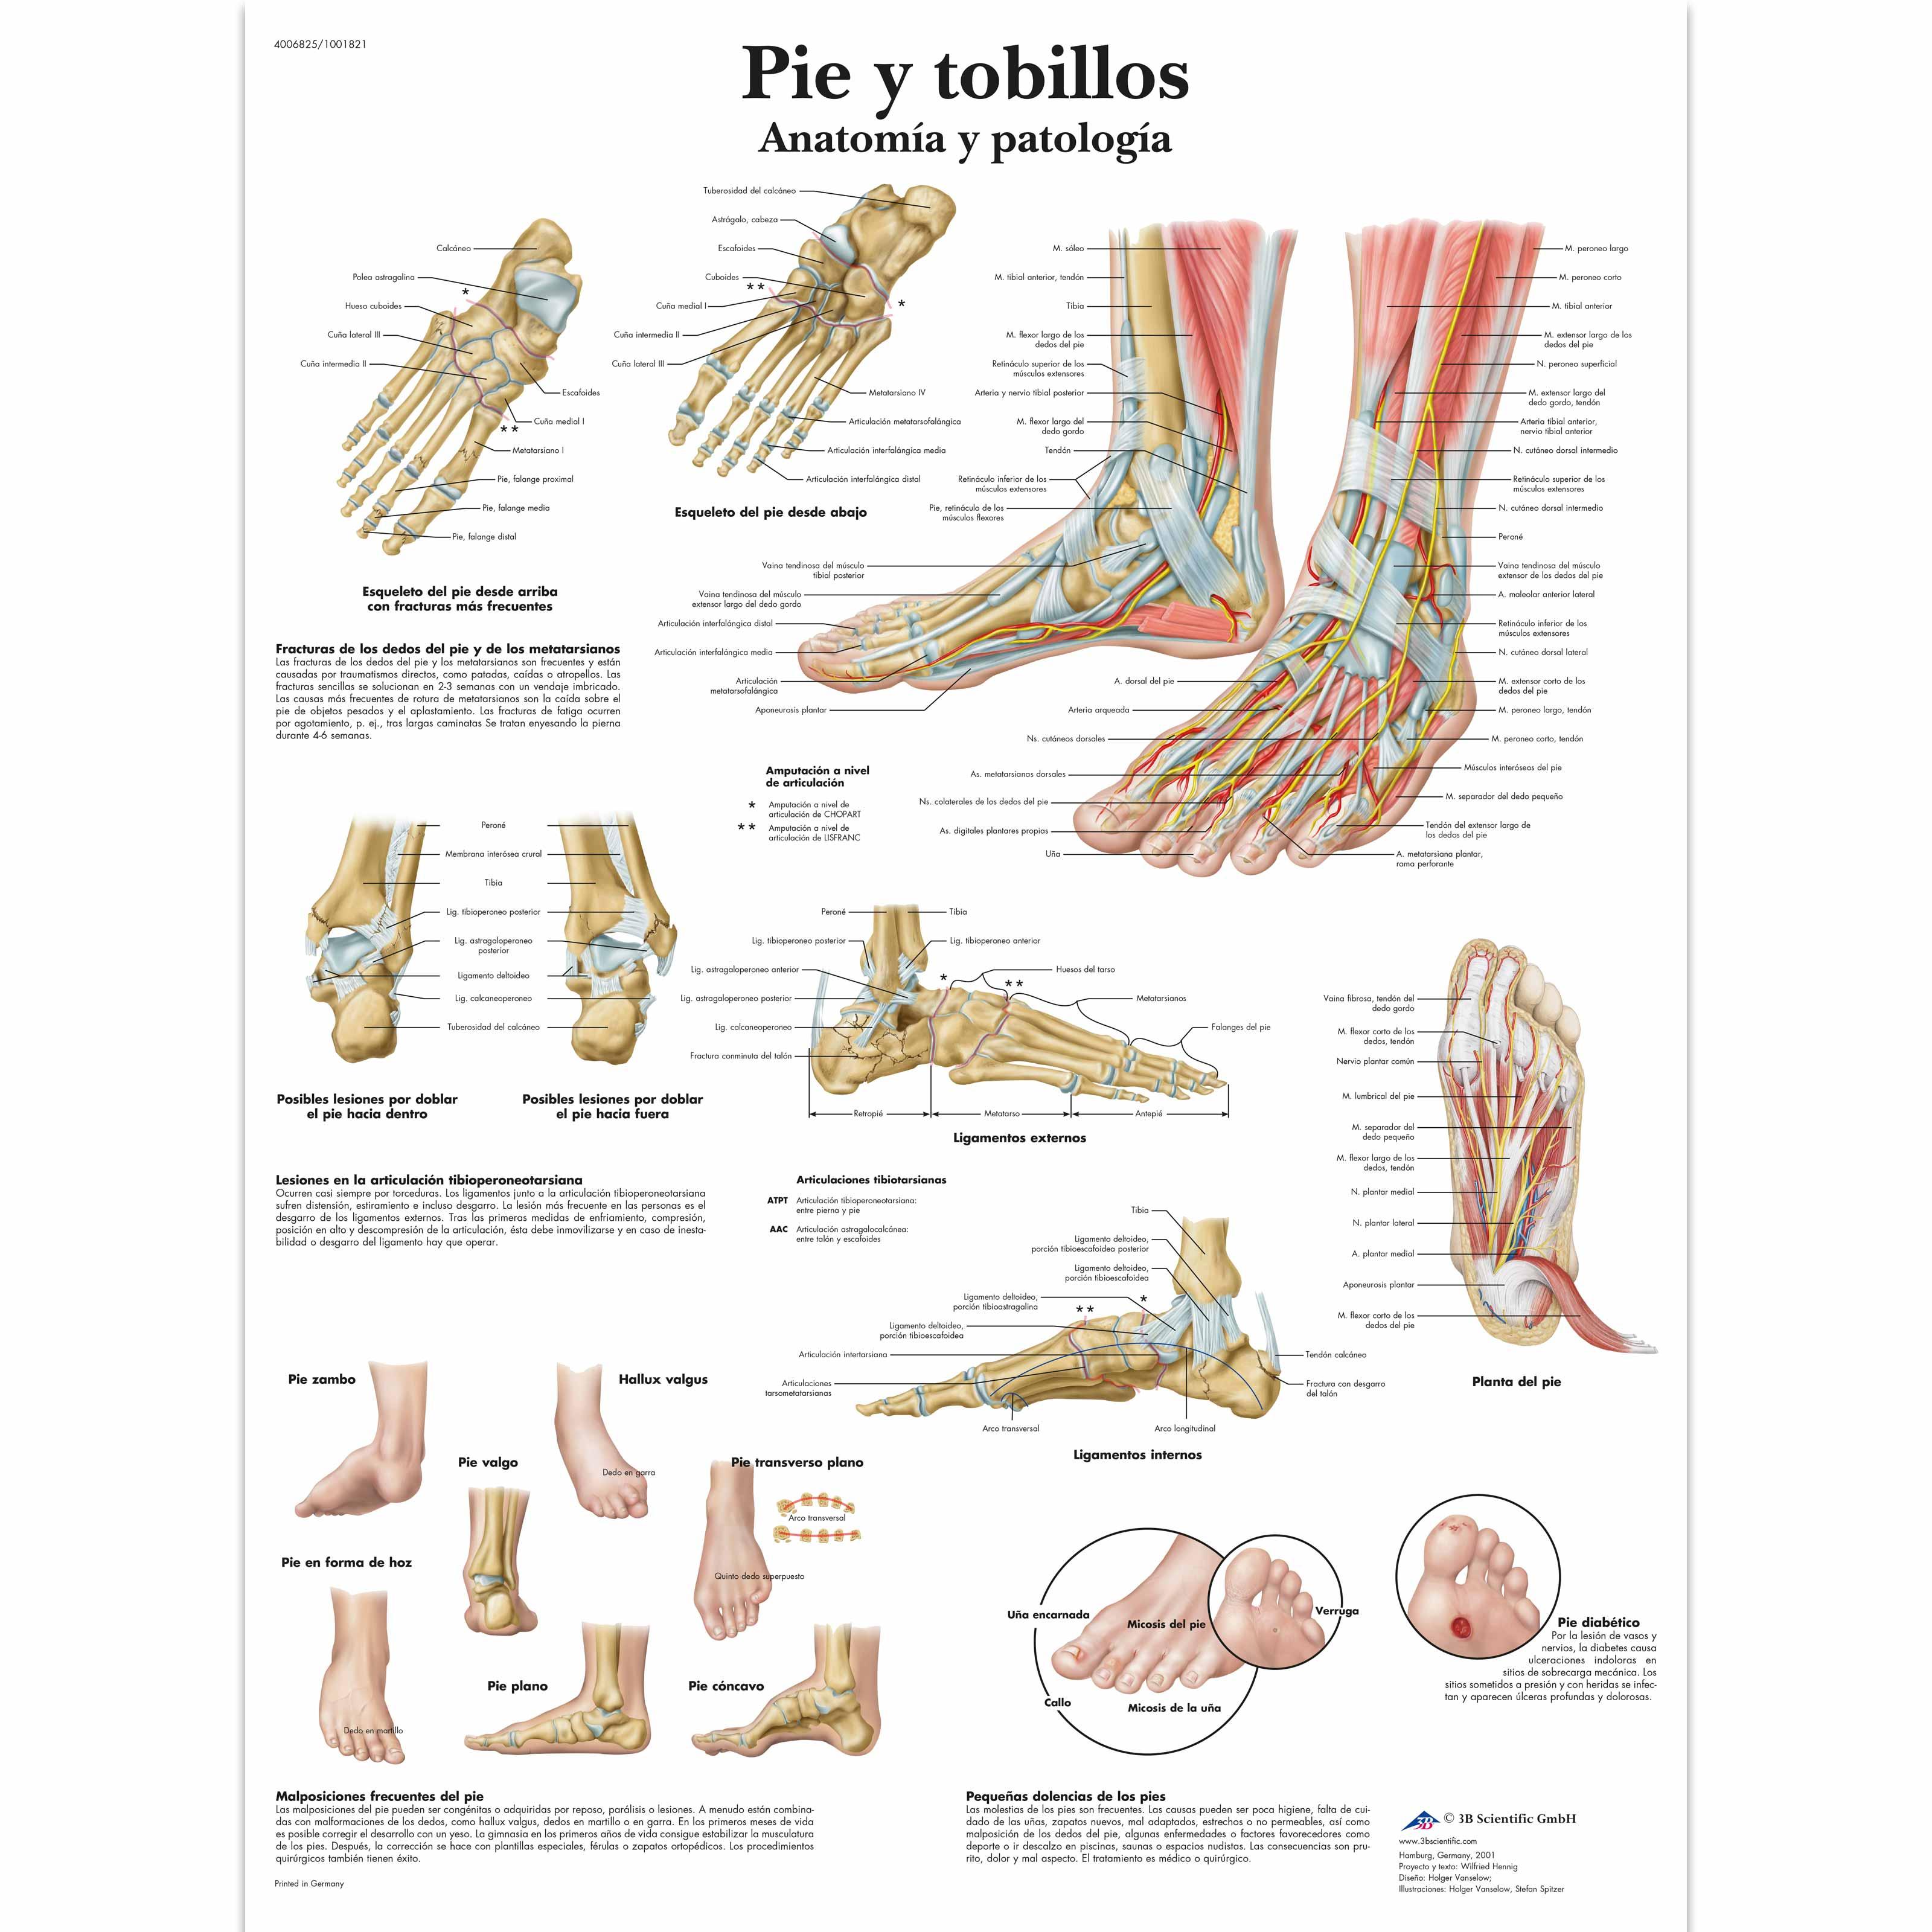 Pie y tobillos - Anatomía y patología - 4006825 - VR3176UU ...